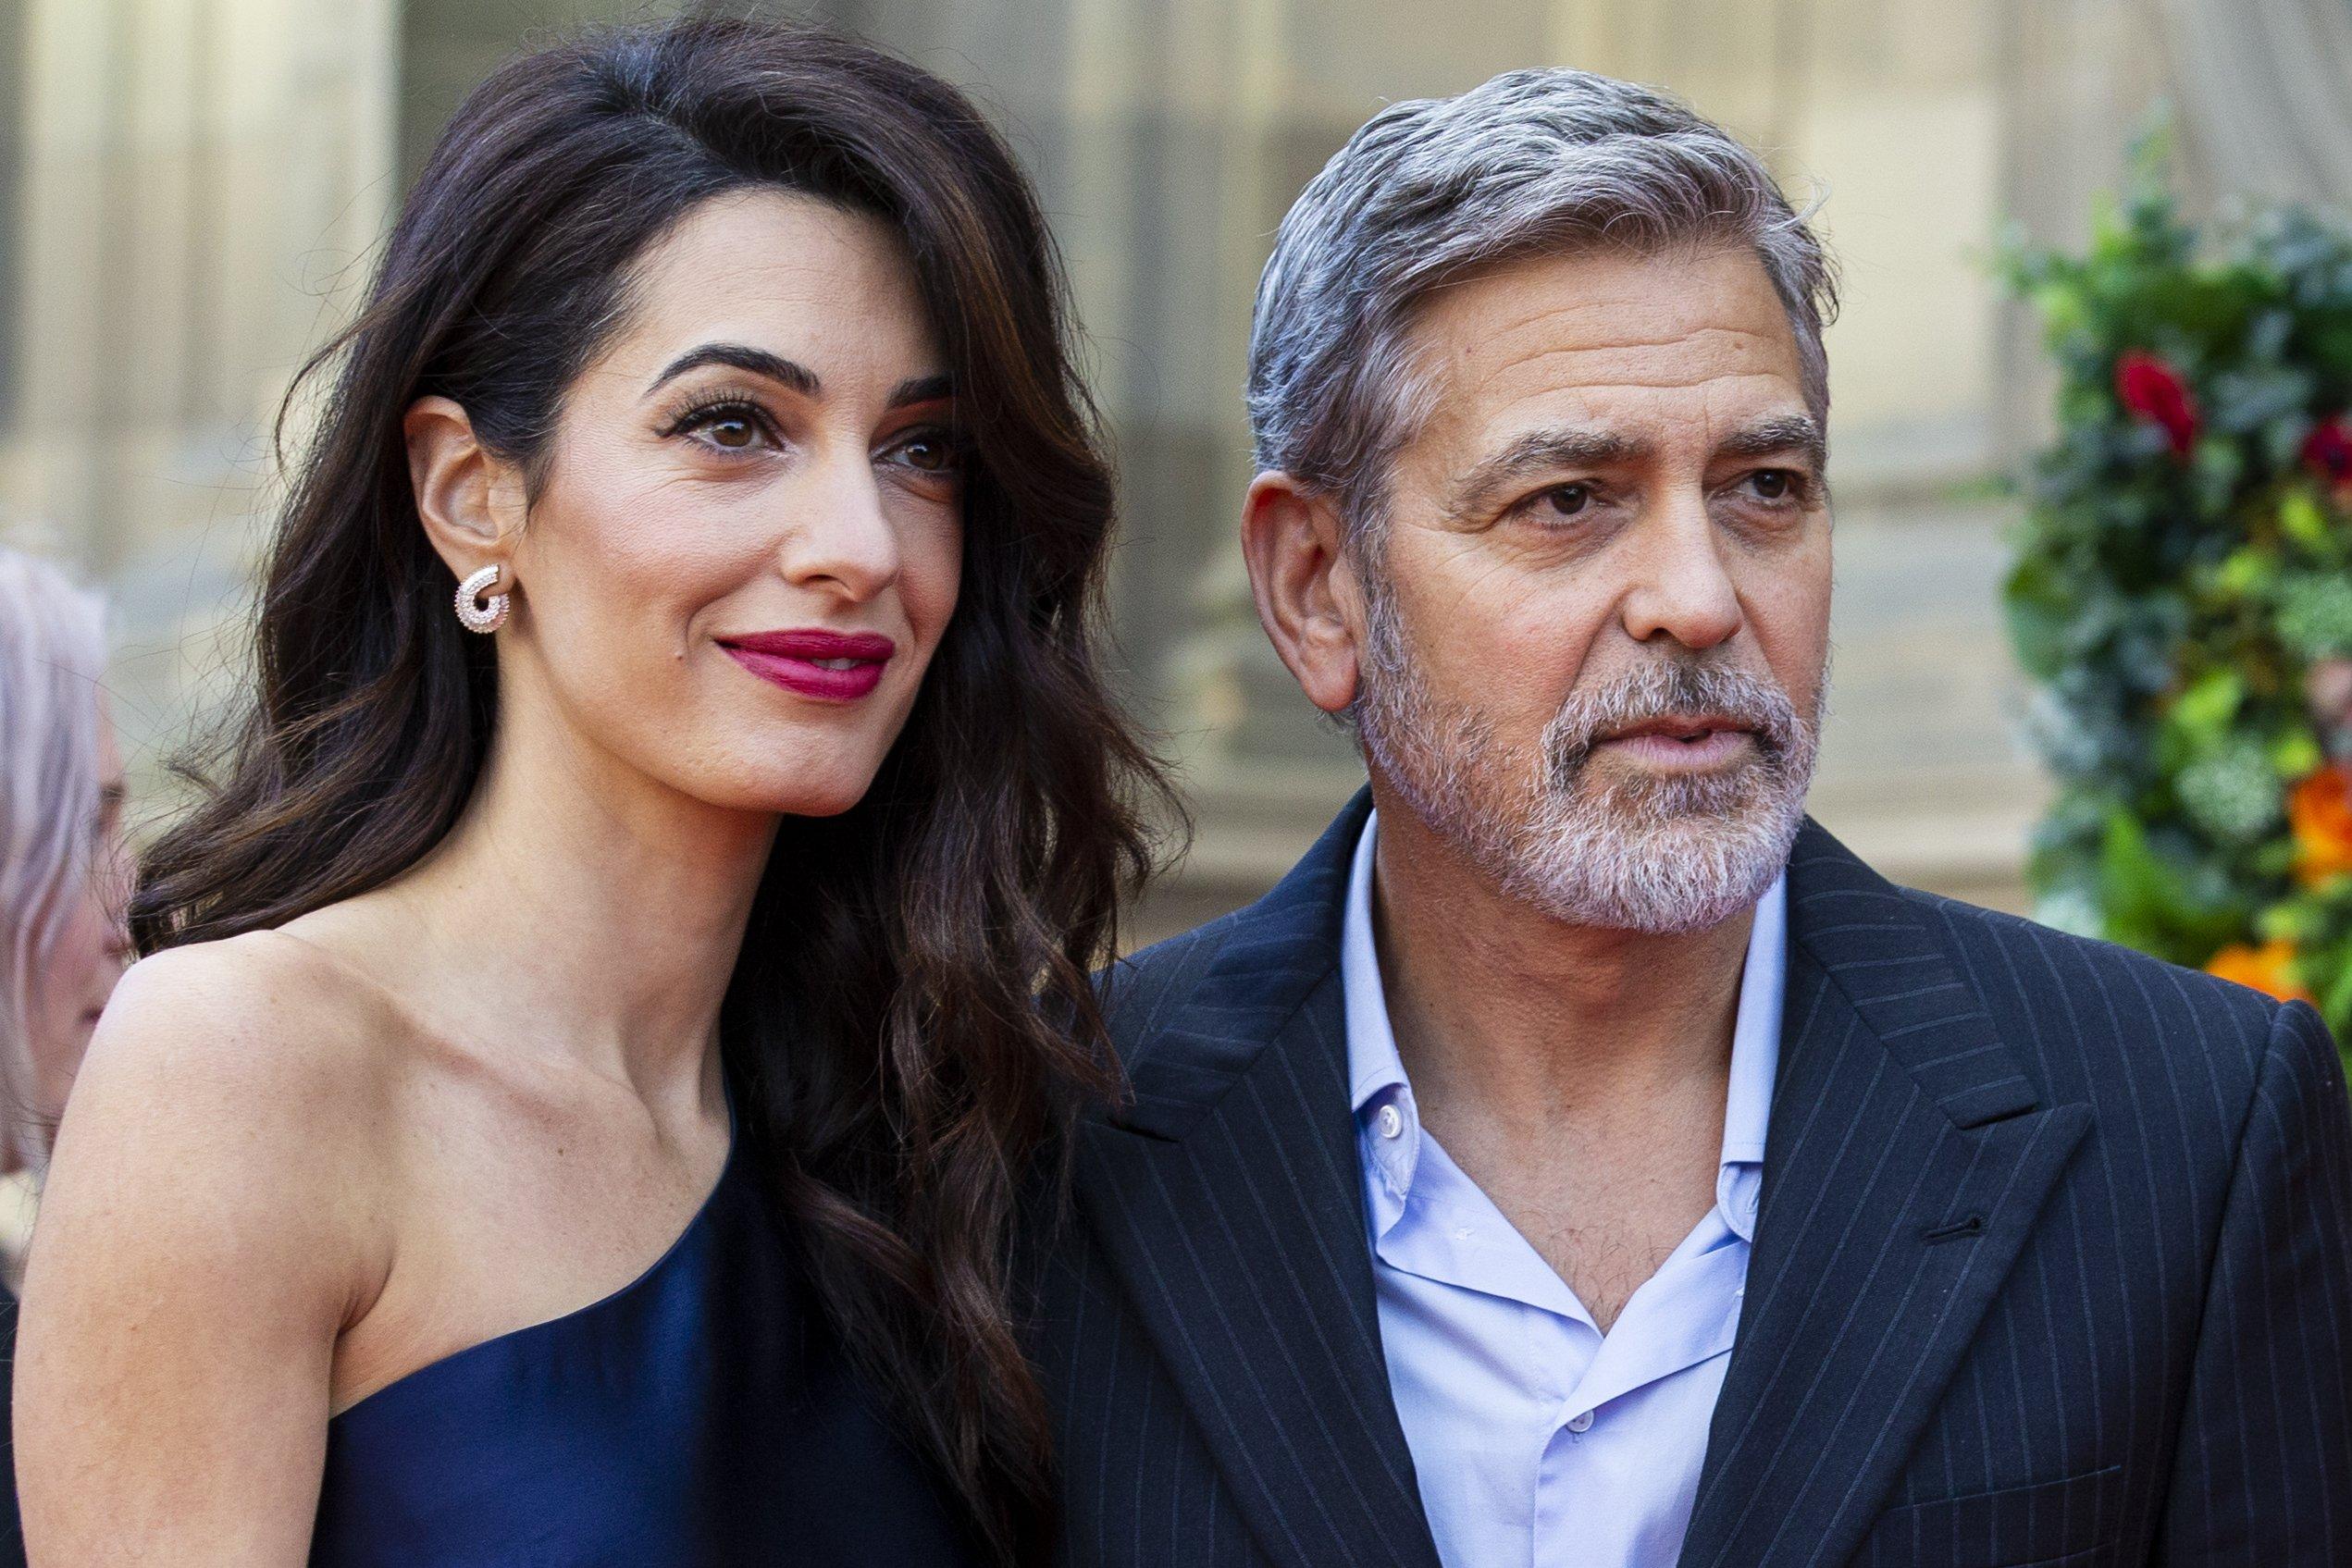 George y Amal Clooney asisten a la gala benéfica de People's Postcode Lottery en el salón McEwan el 15 de marzo de 2019, en Edinburgo, Escocia || Fuente: Getty Images